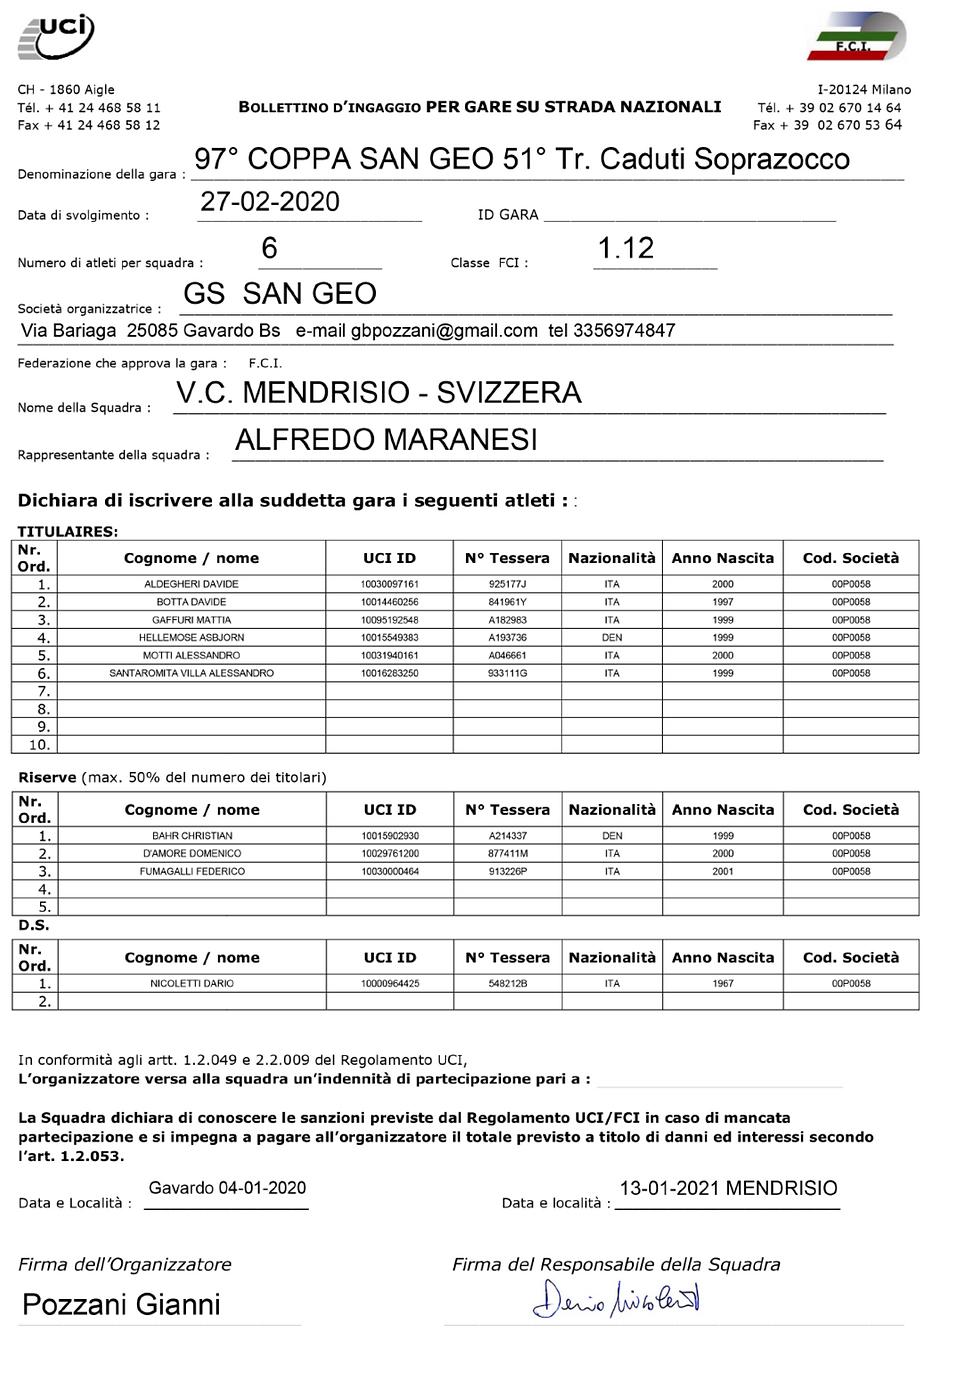 bollettino Team Mendrisio.png